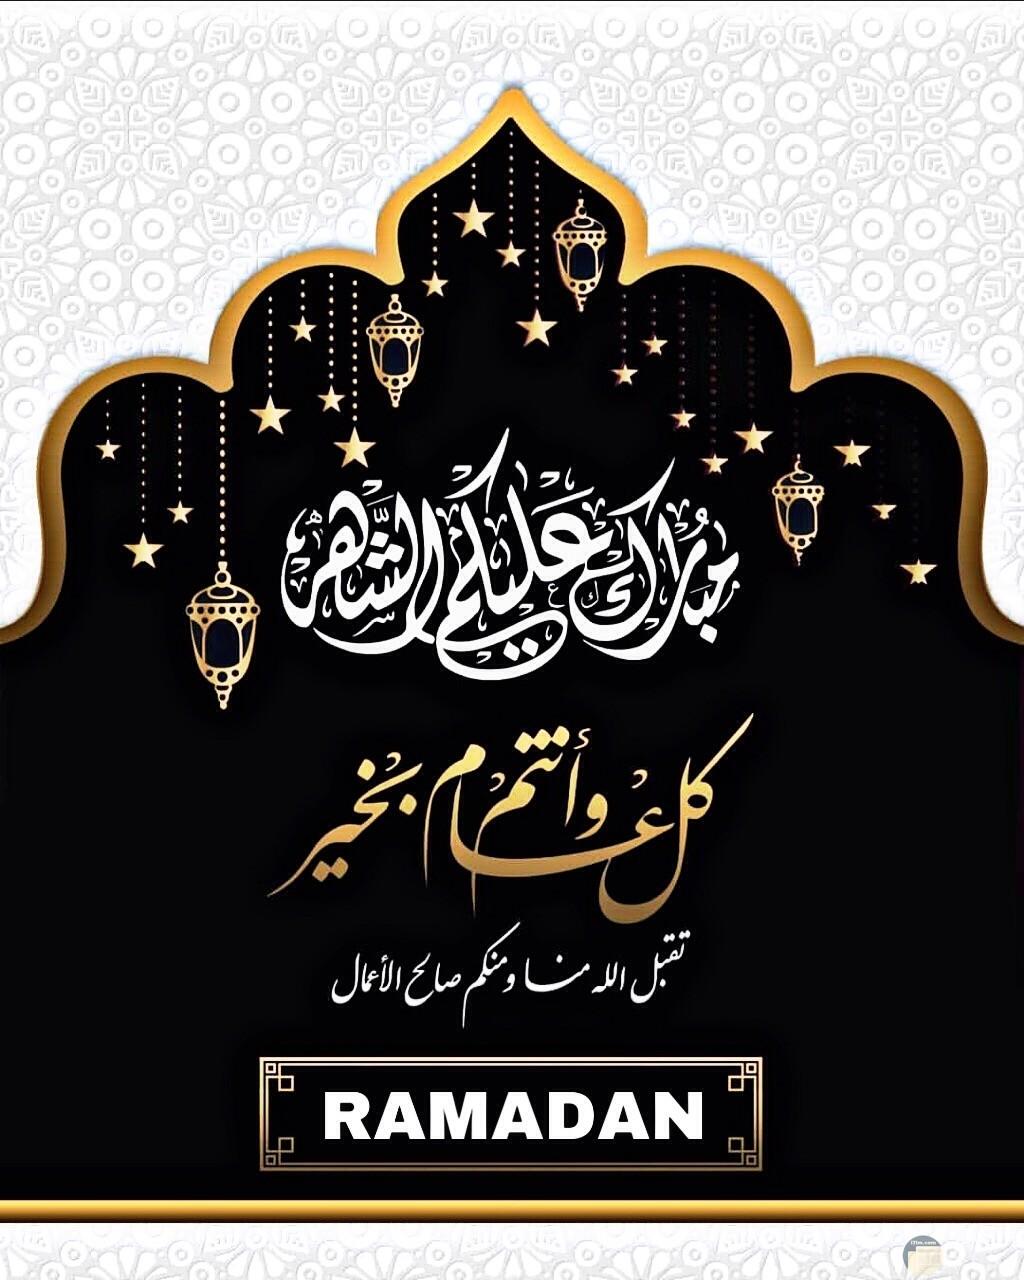 شهر رمضان المبارك.